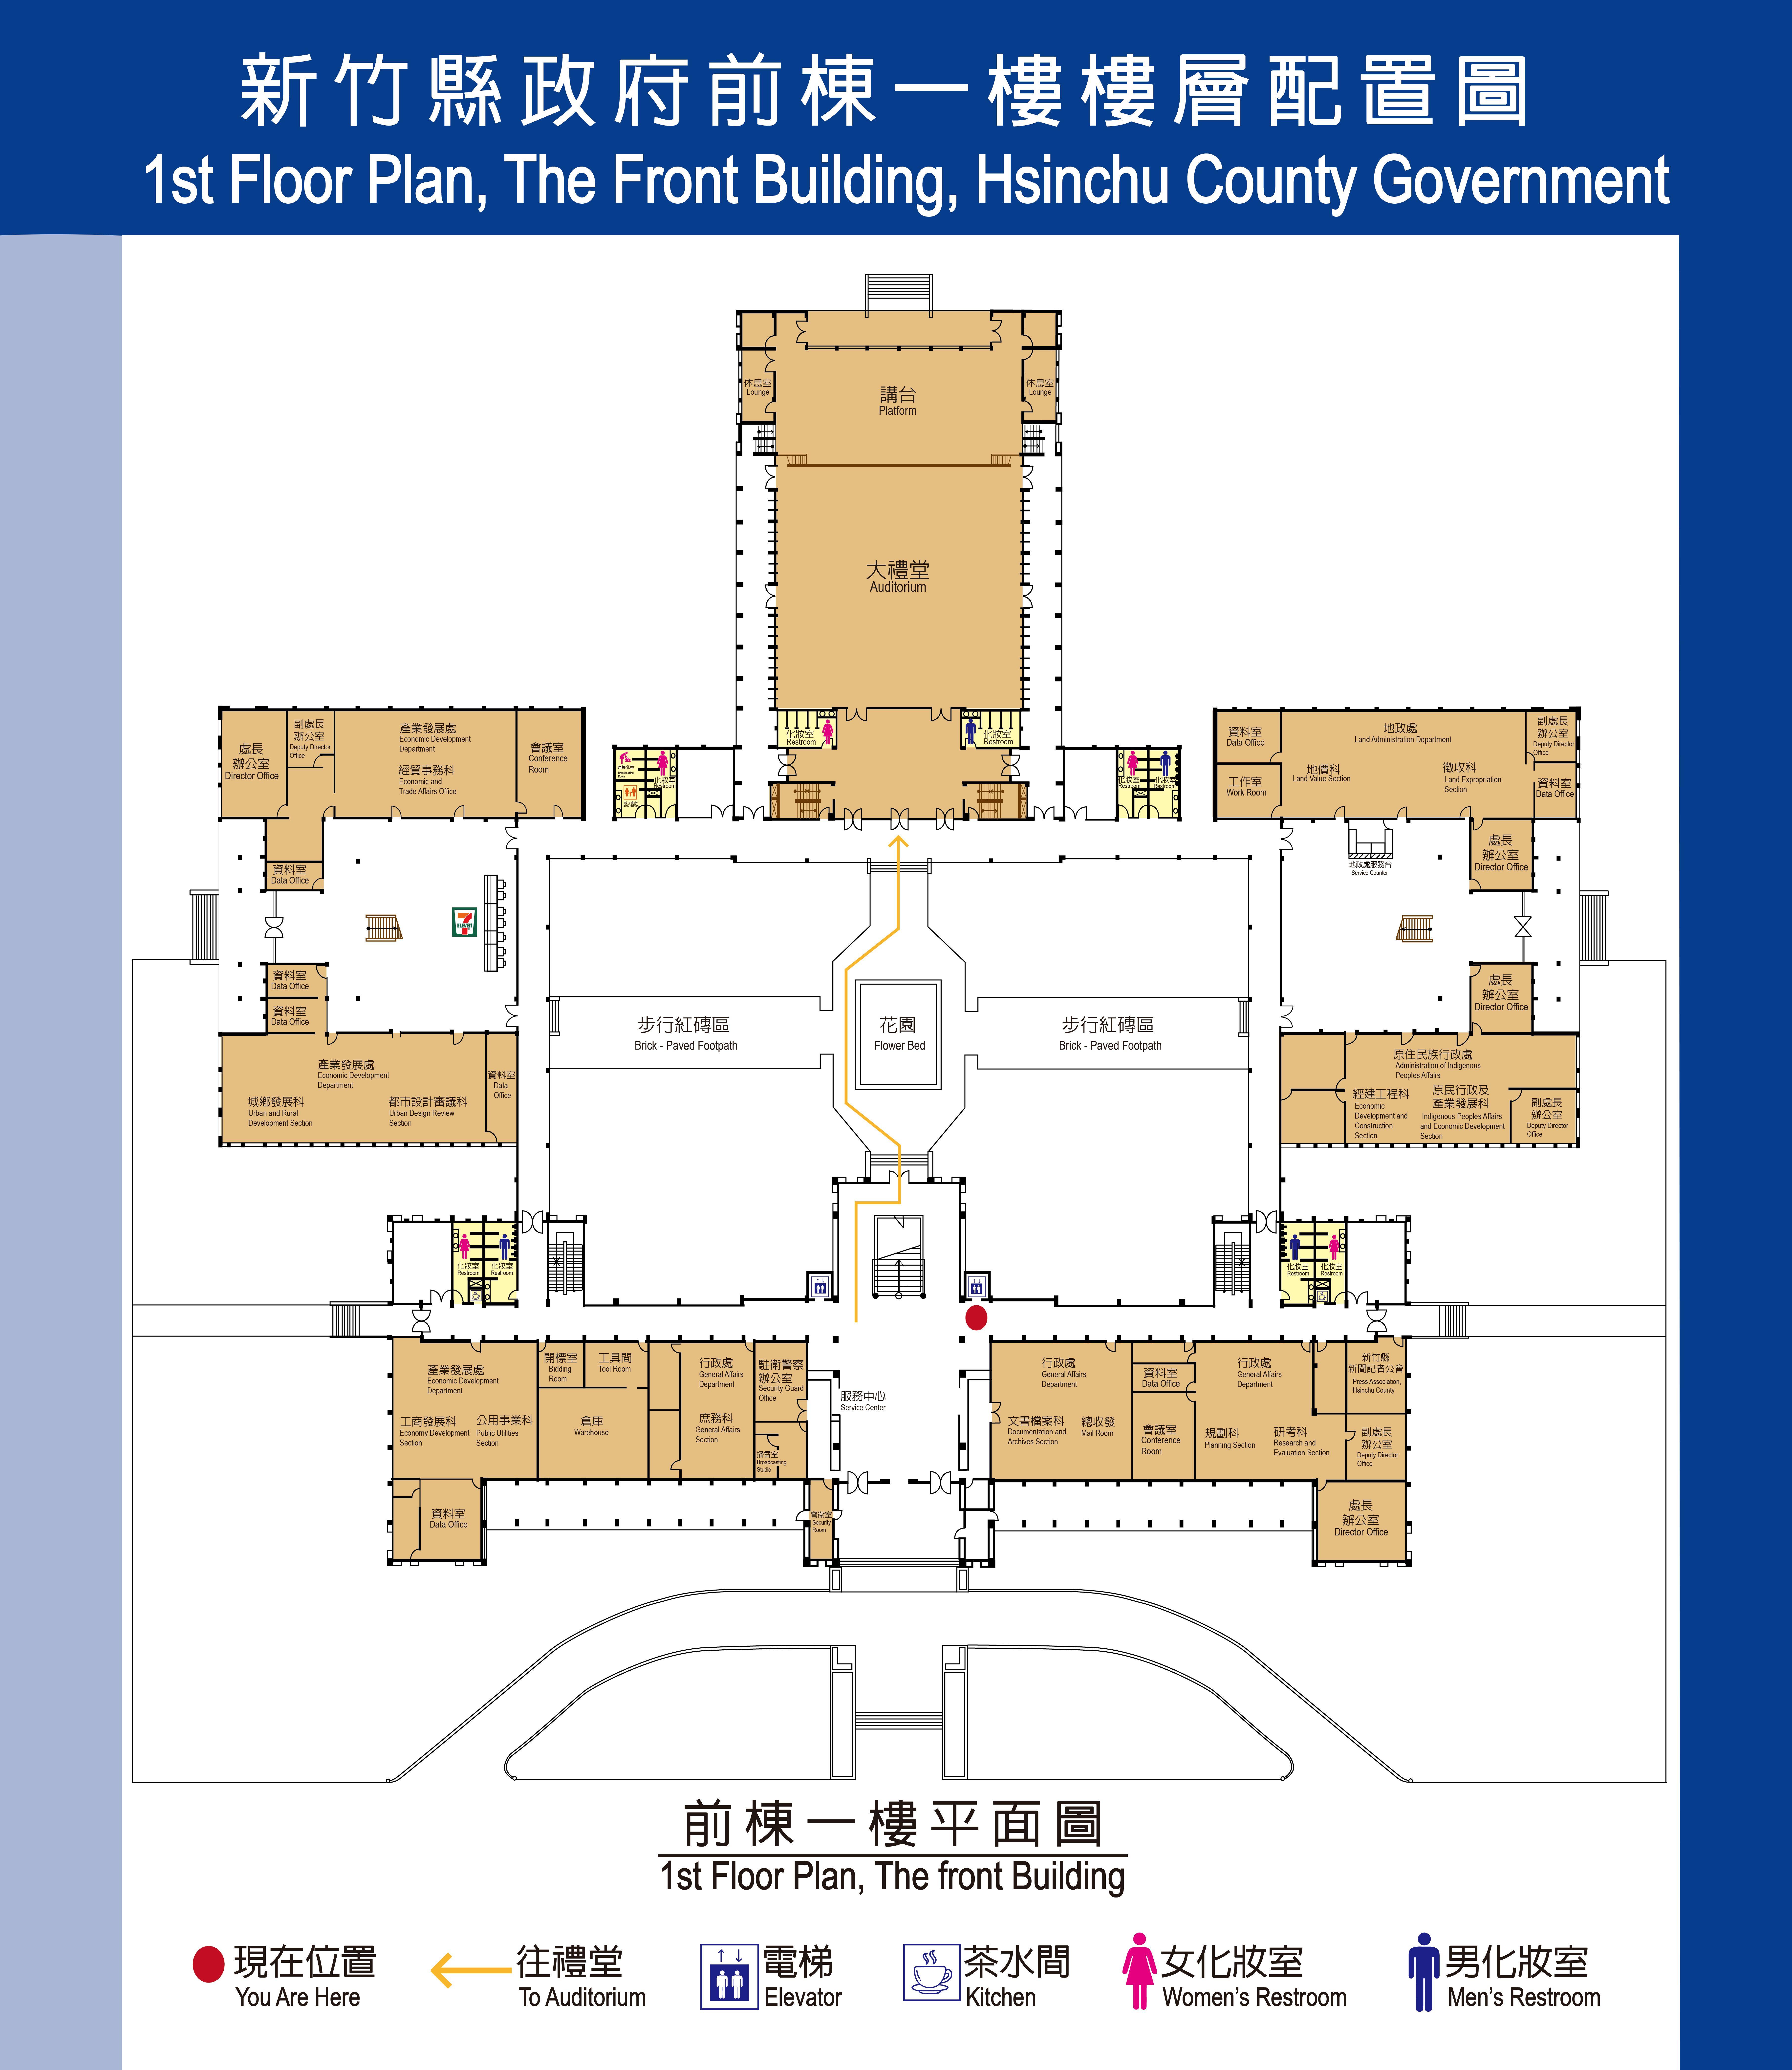 新竹縣政府前棟一樓 樓層配置圖